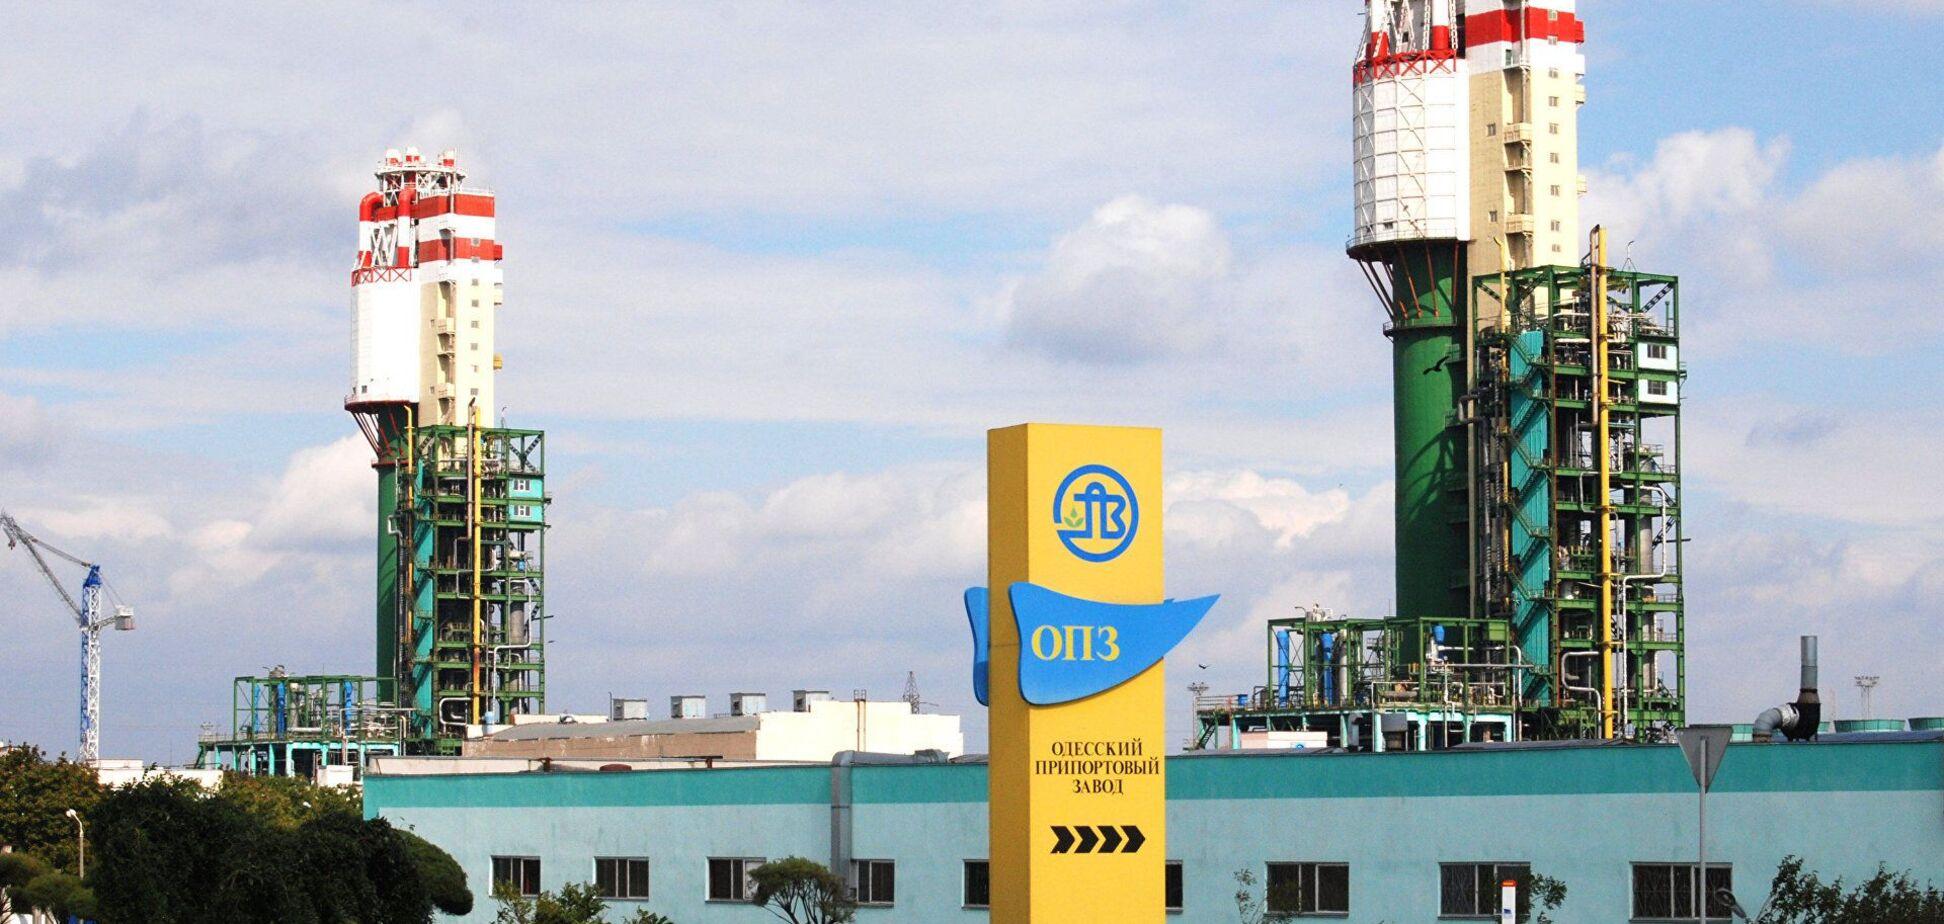 Аудит виявив мільйонні порушення на Одеському припортовому заводі, звільнений ексглава правління Синиця – експерт